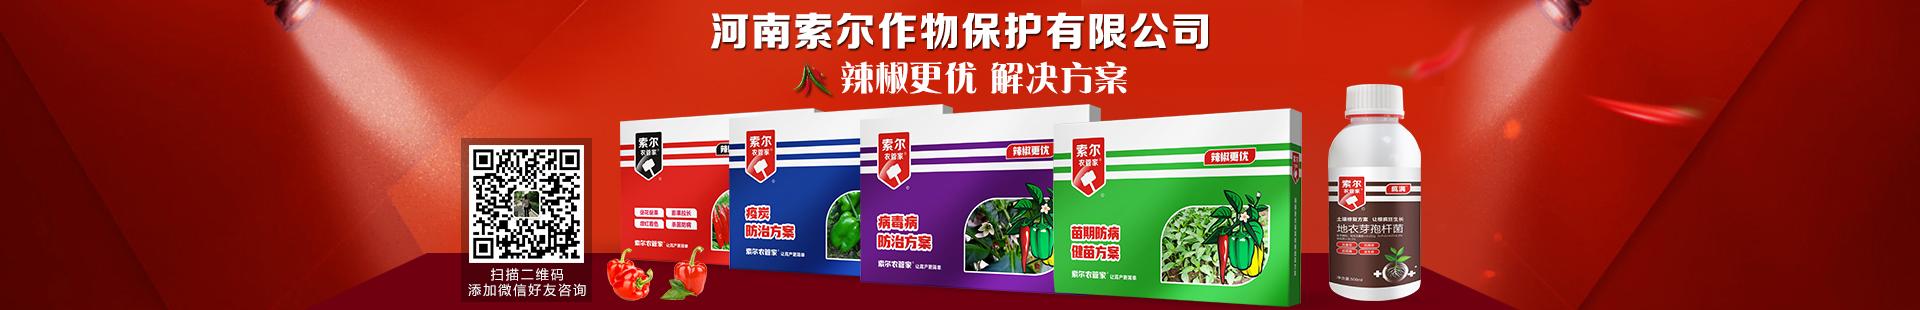 河南索尔作物保护有限公司